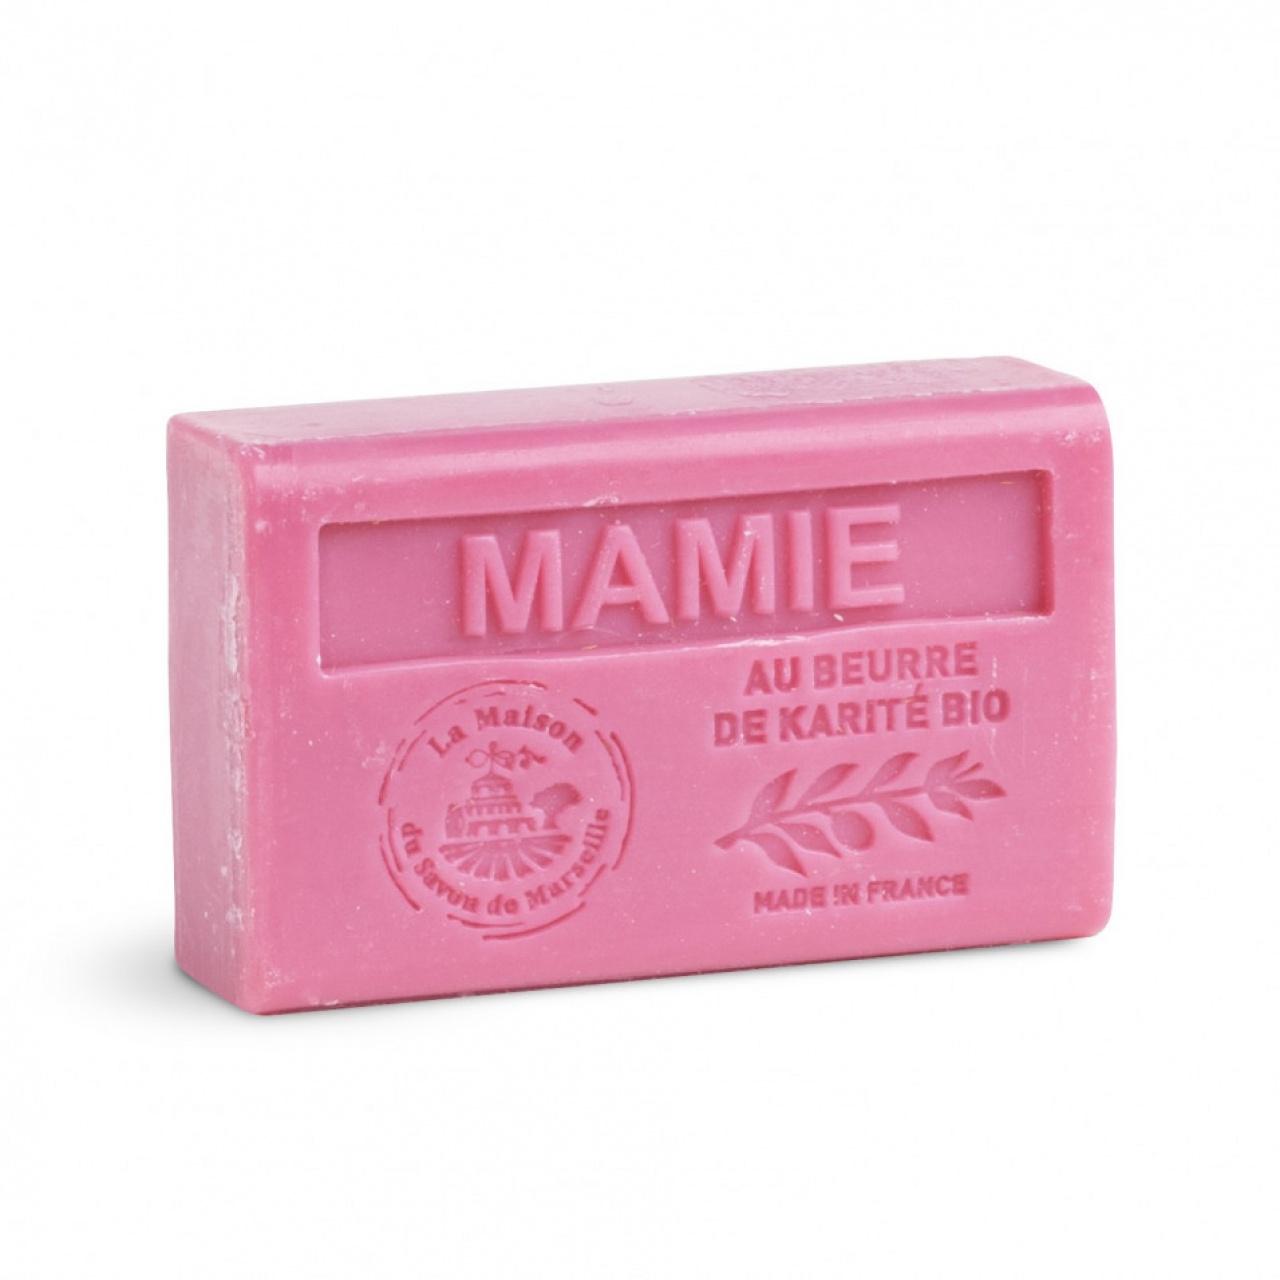 Săpun cu unt shea bio – Mamie, 125g